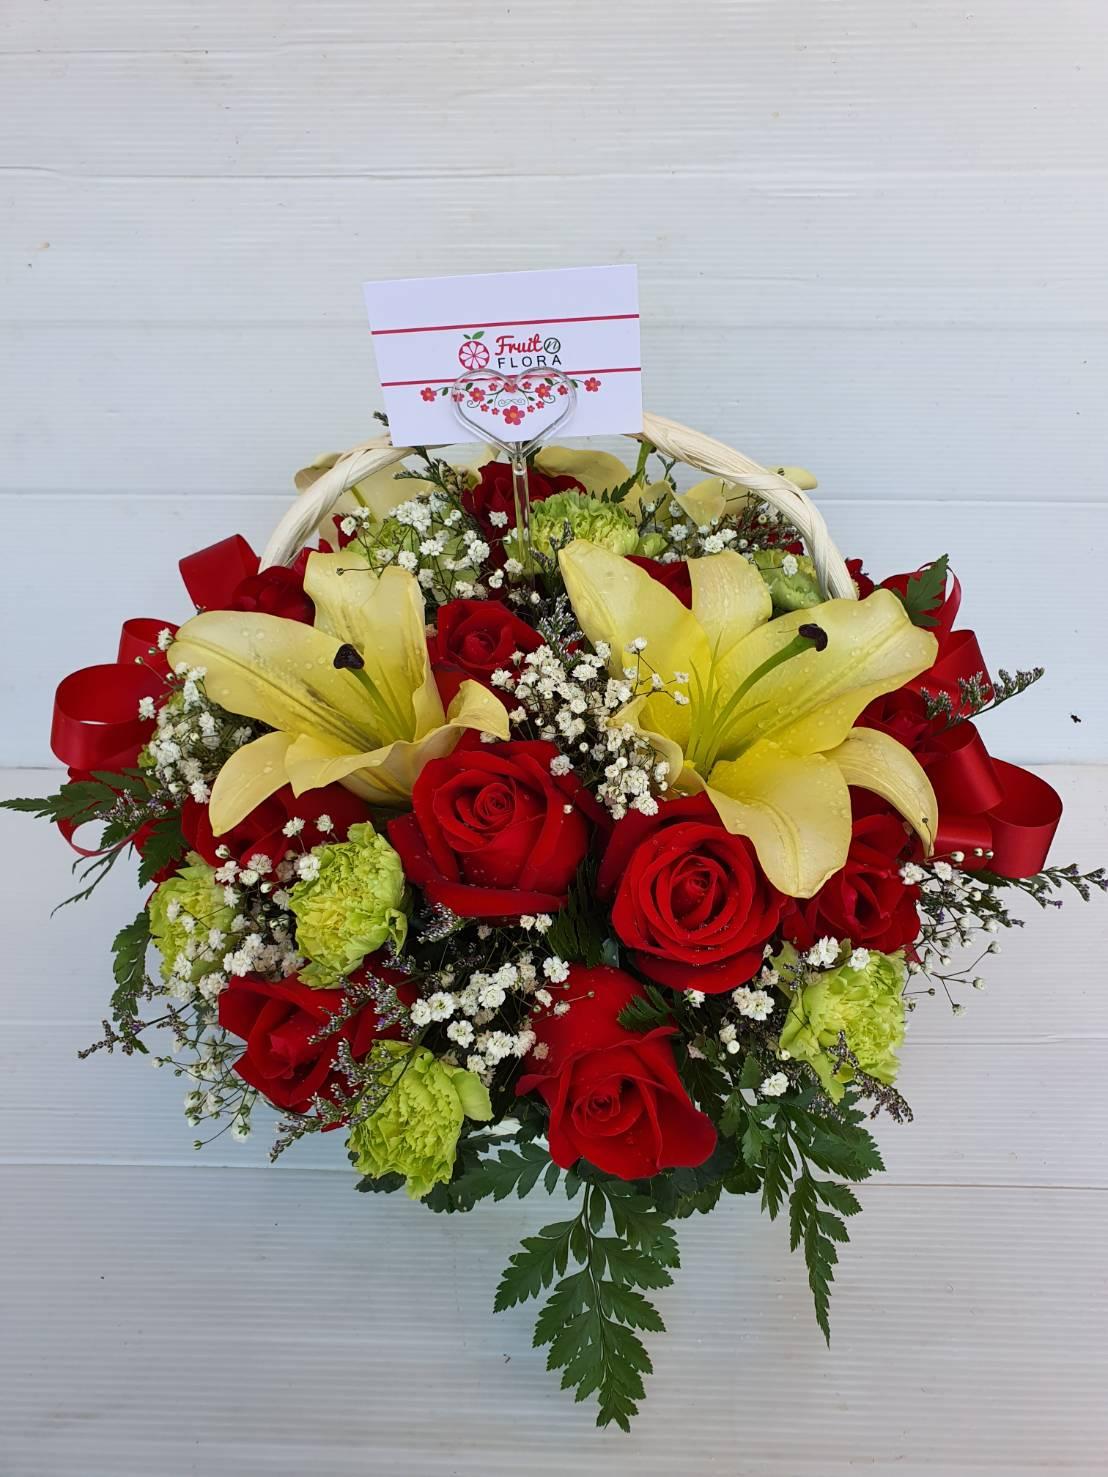 กระเช้าดอกไม้เก๋ ๆ นำดอกกุหลาบและลิลลี่ที่มีสีตัดกันมาใช้ได้ลงตัว